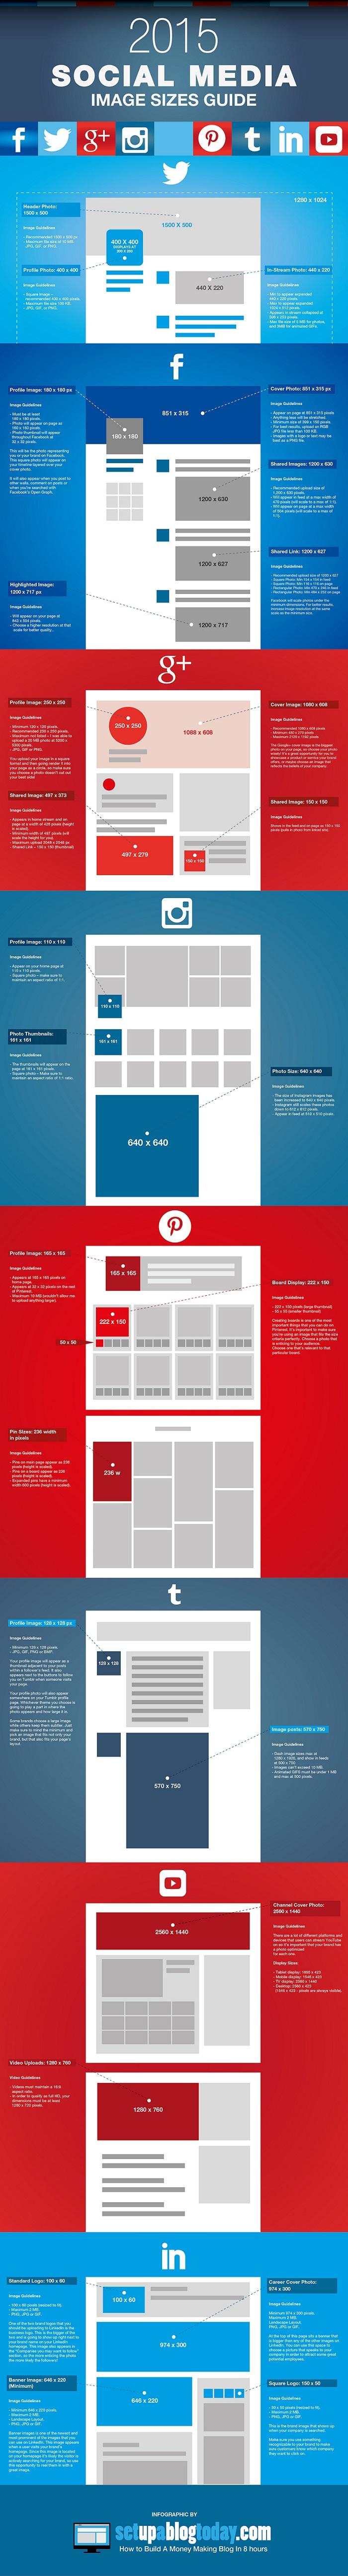 Guía definitiva tamaño de las imágenes para Facebook, Twitter, YouTube y un largo etcétera de redes sociales